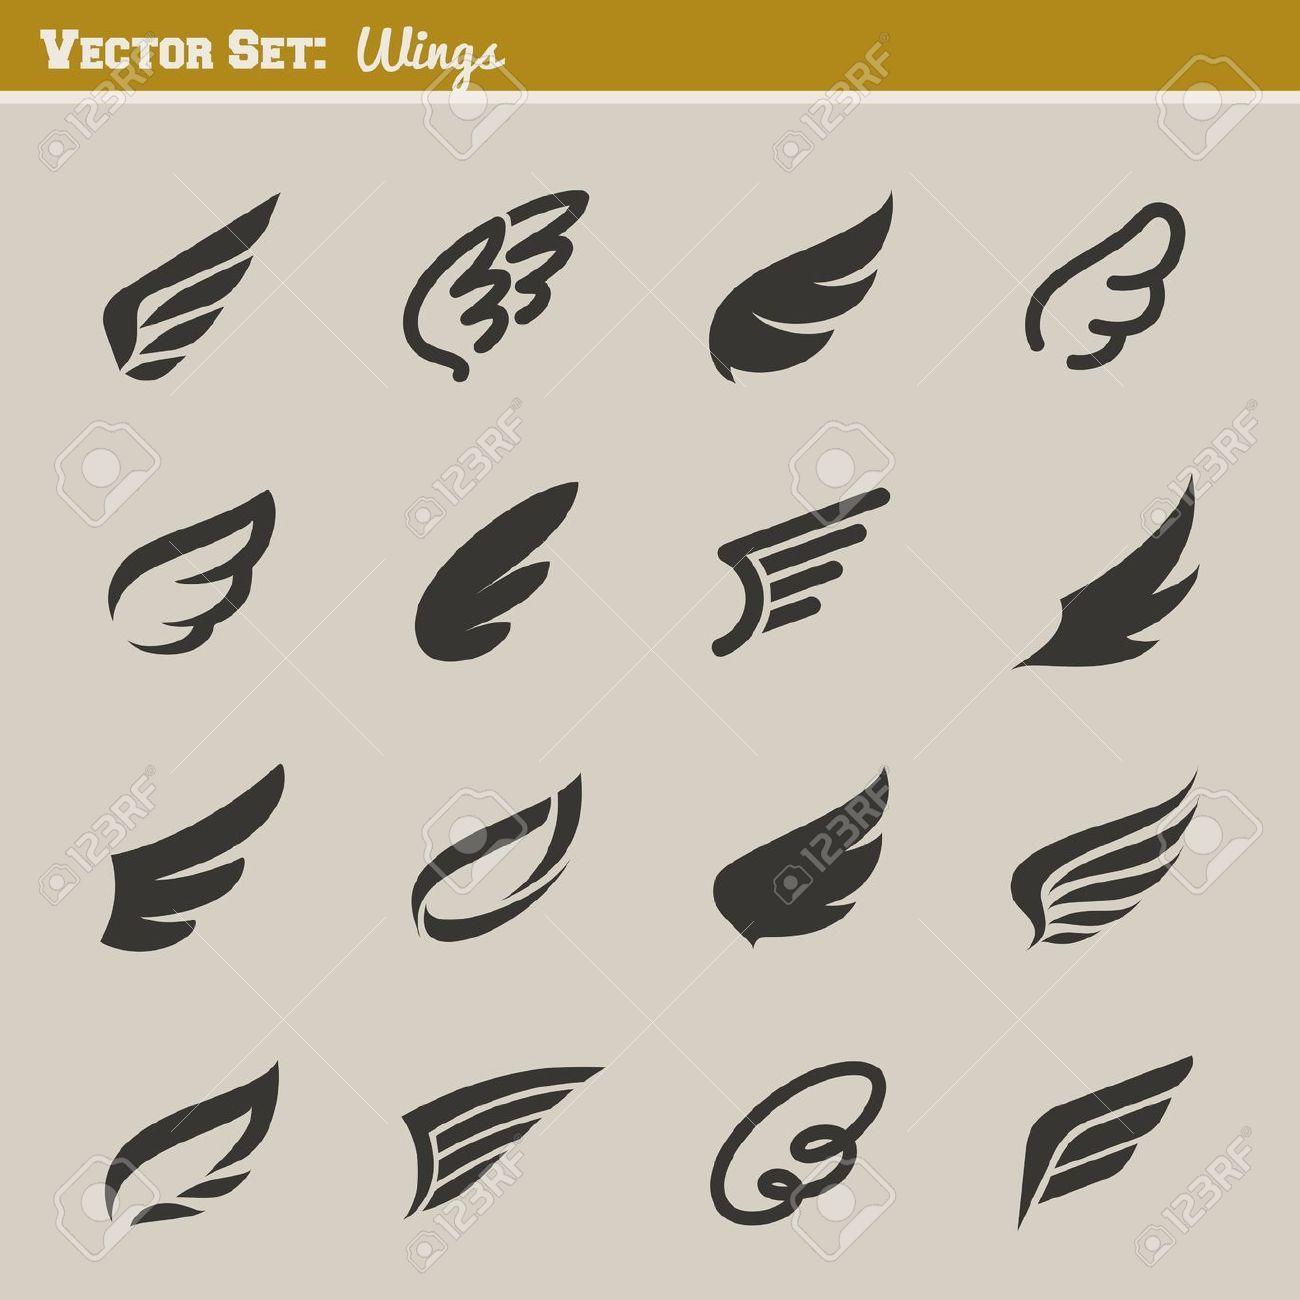 bird wing logo Google Search Vector design, Vector